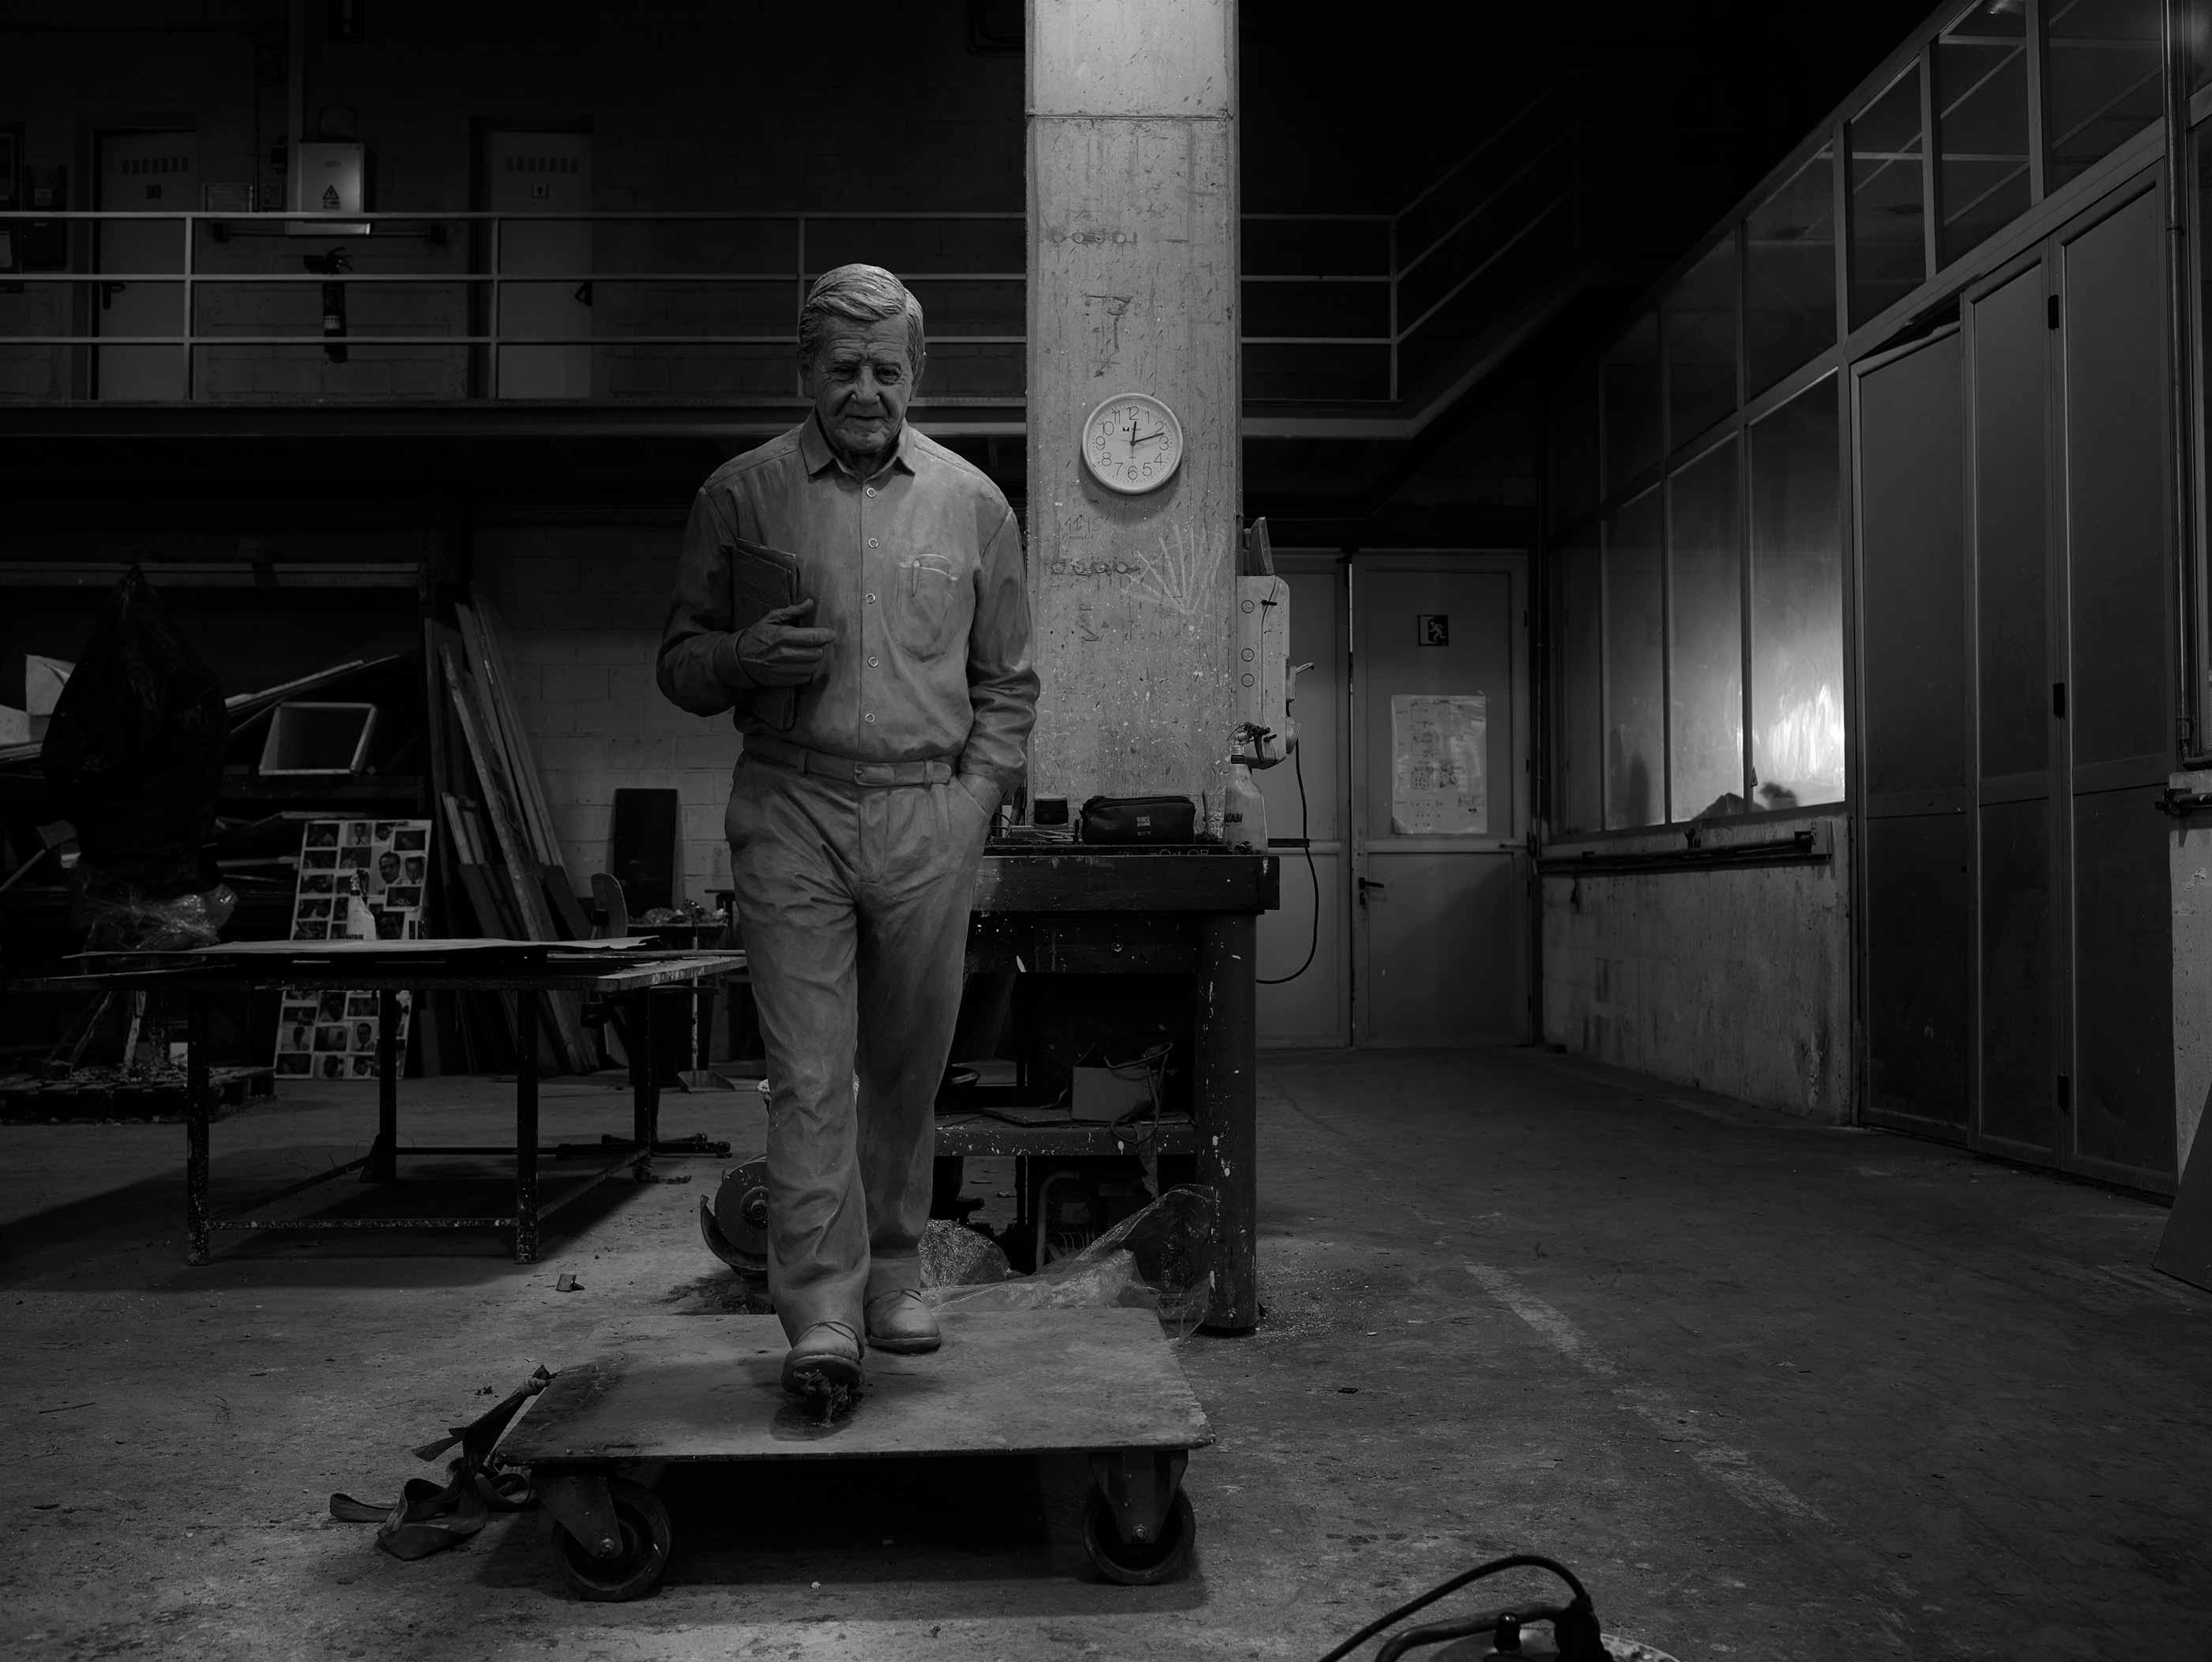 Escultura Homenaje a Carlos Alberto, proyecto para Fegresia de Aceitão - Setúbal - Portugal. Artista : Lourdes Umerez